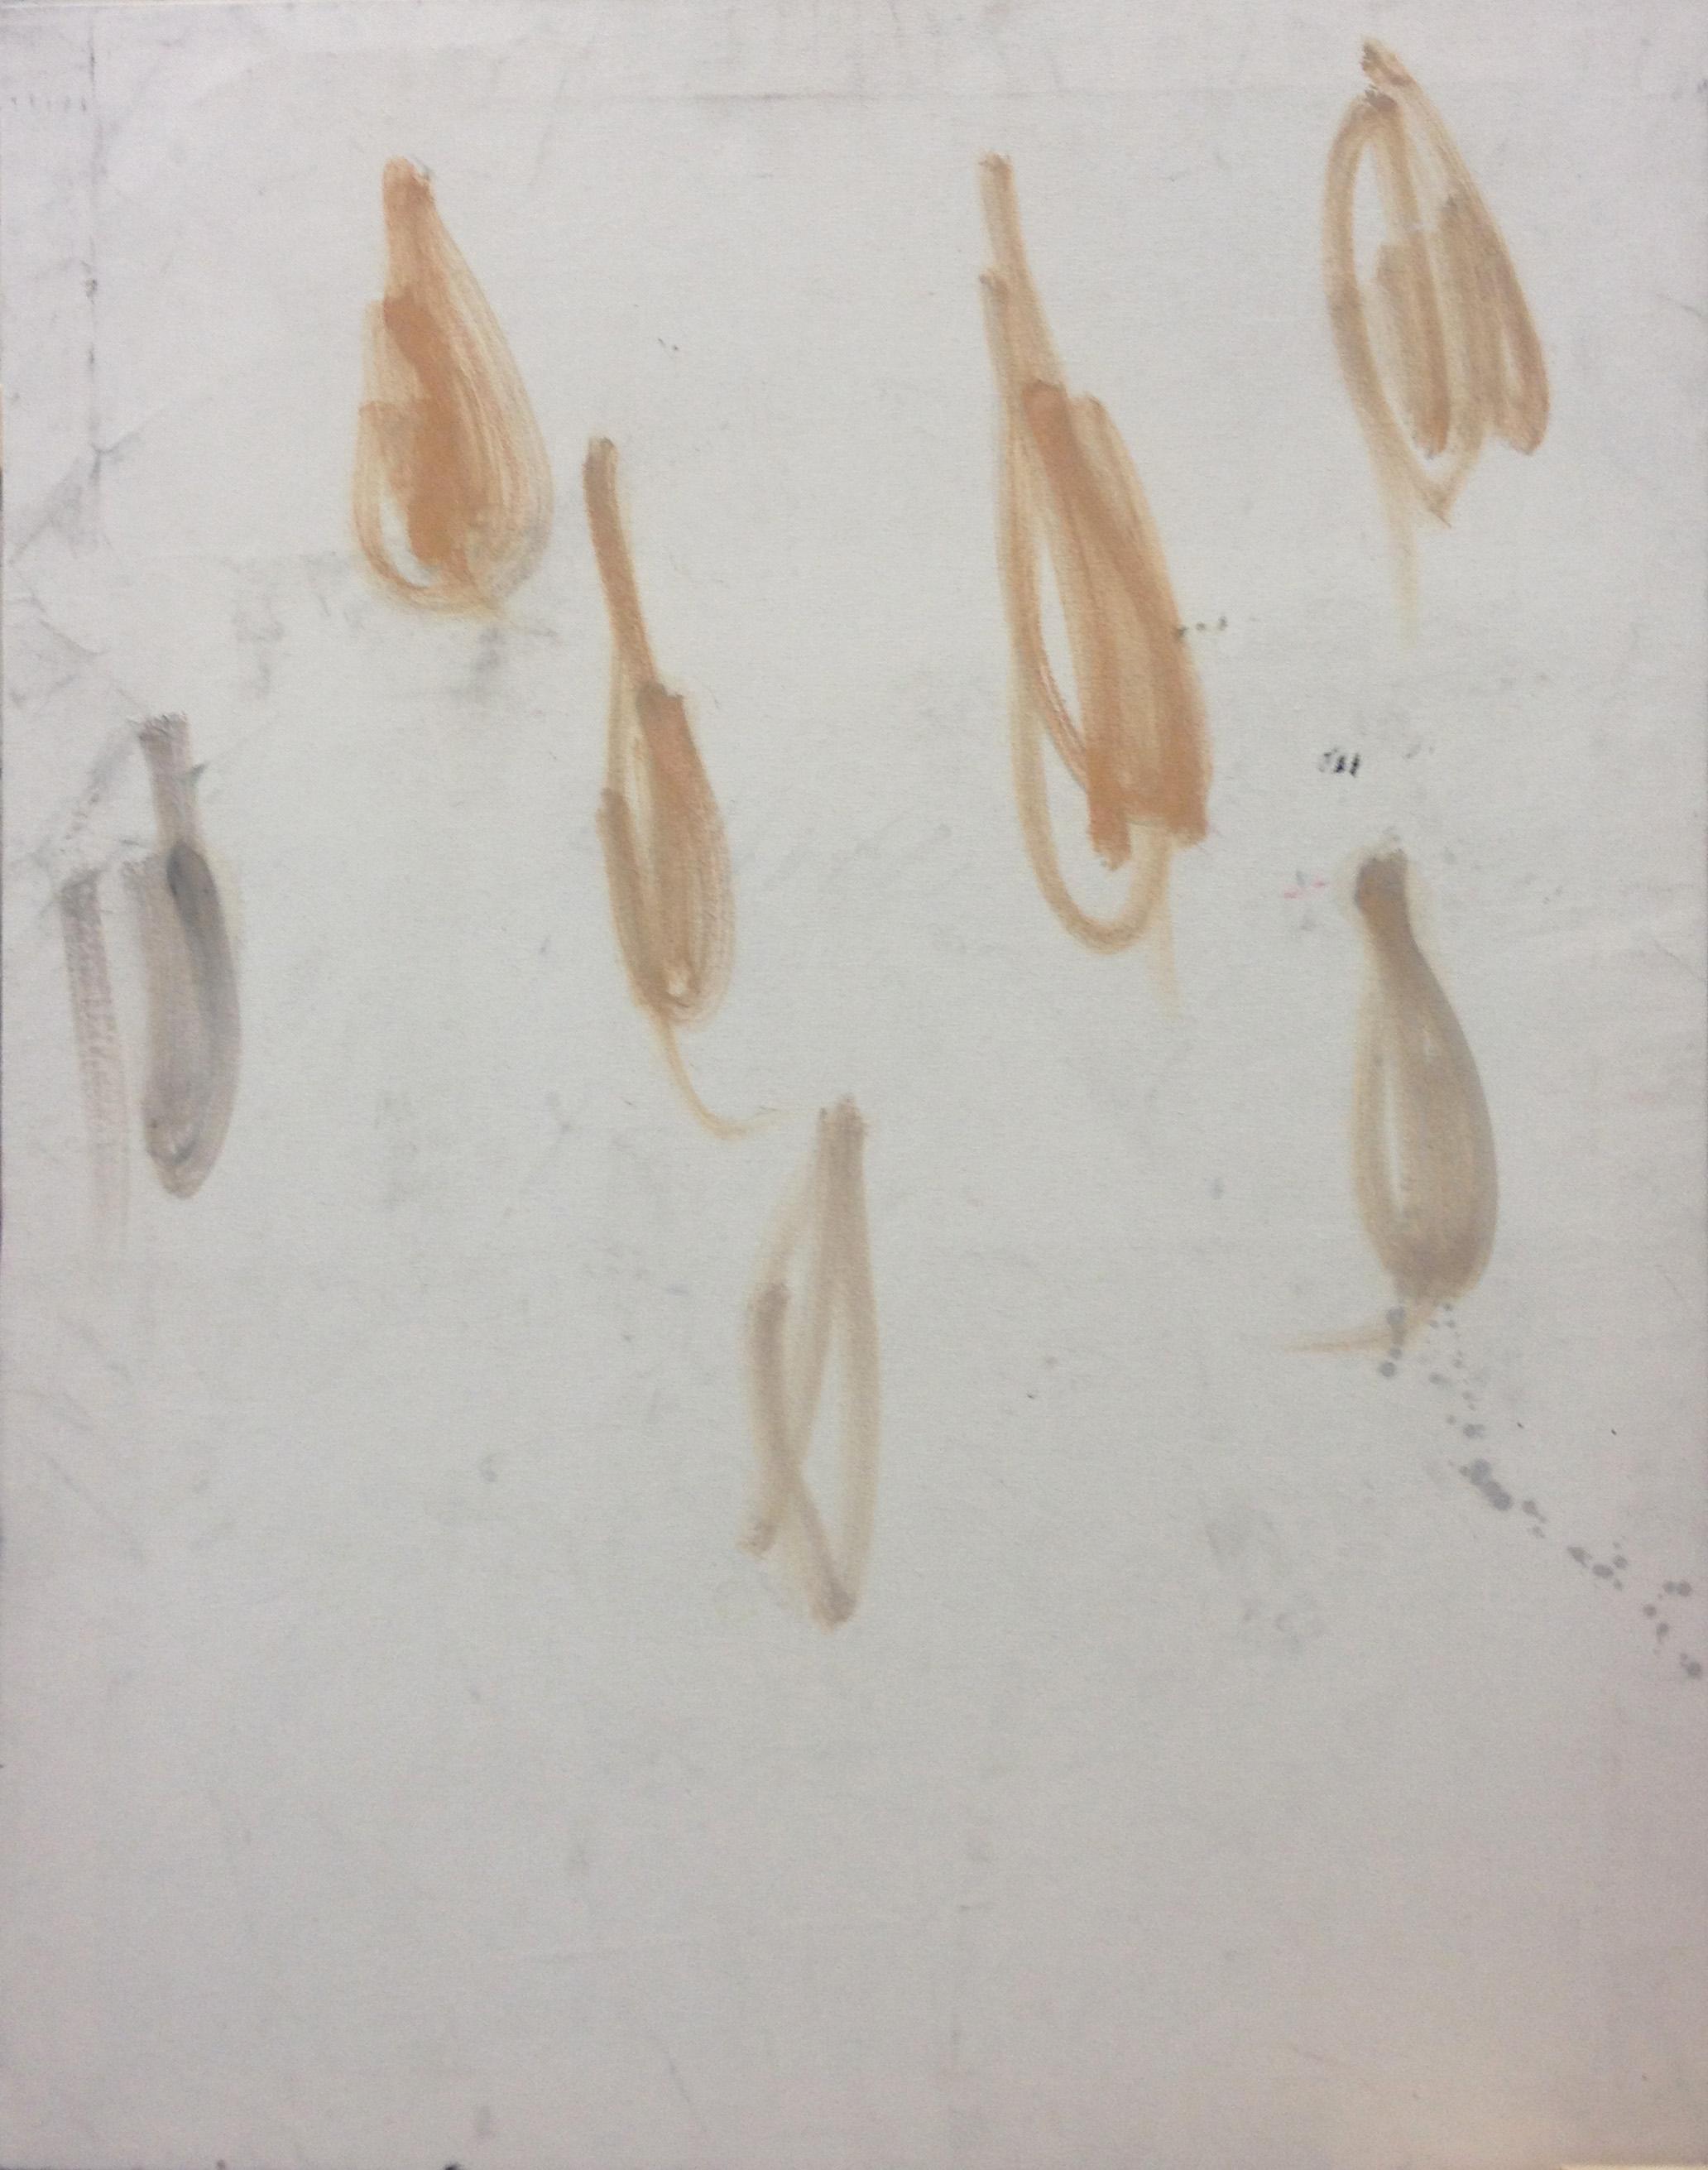 Fleischtropfen, Öl auf Leinwand, 2015